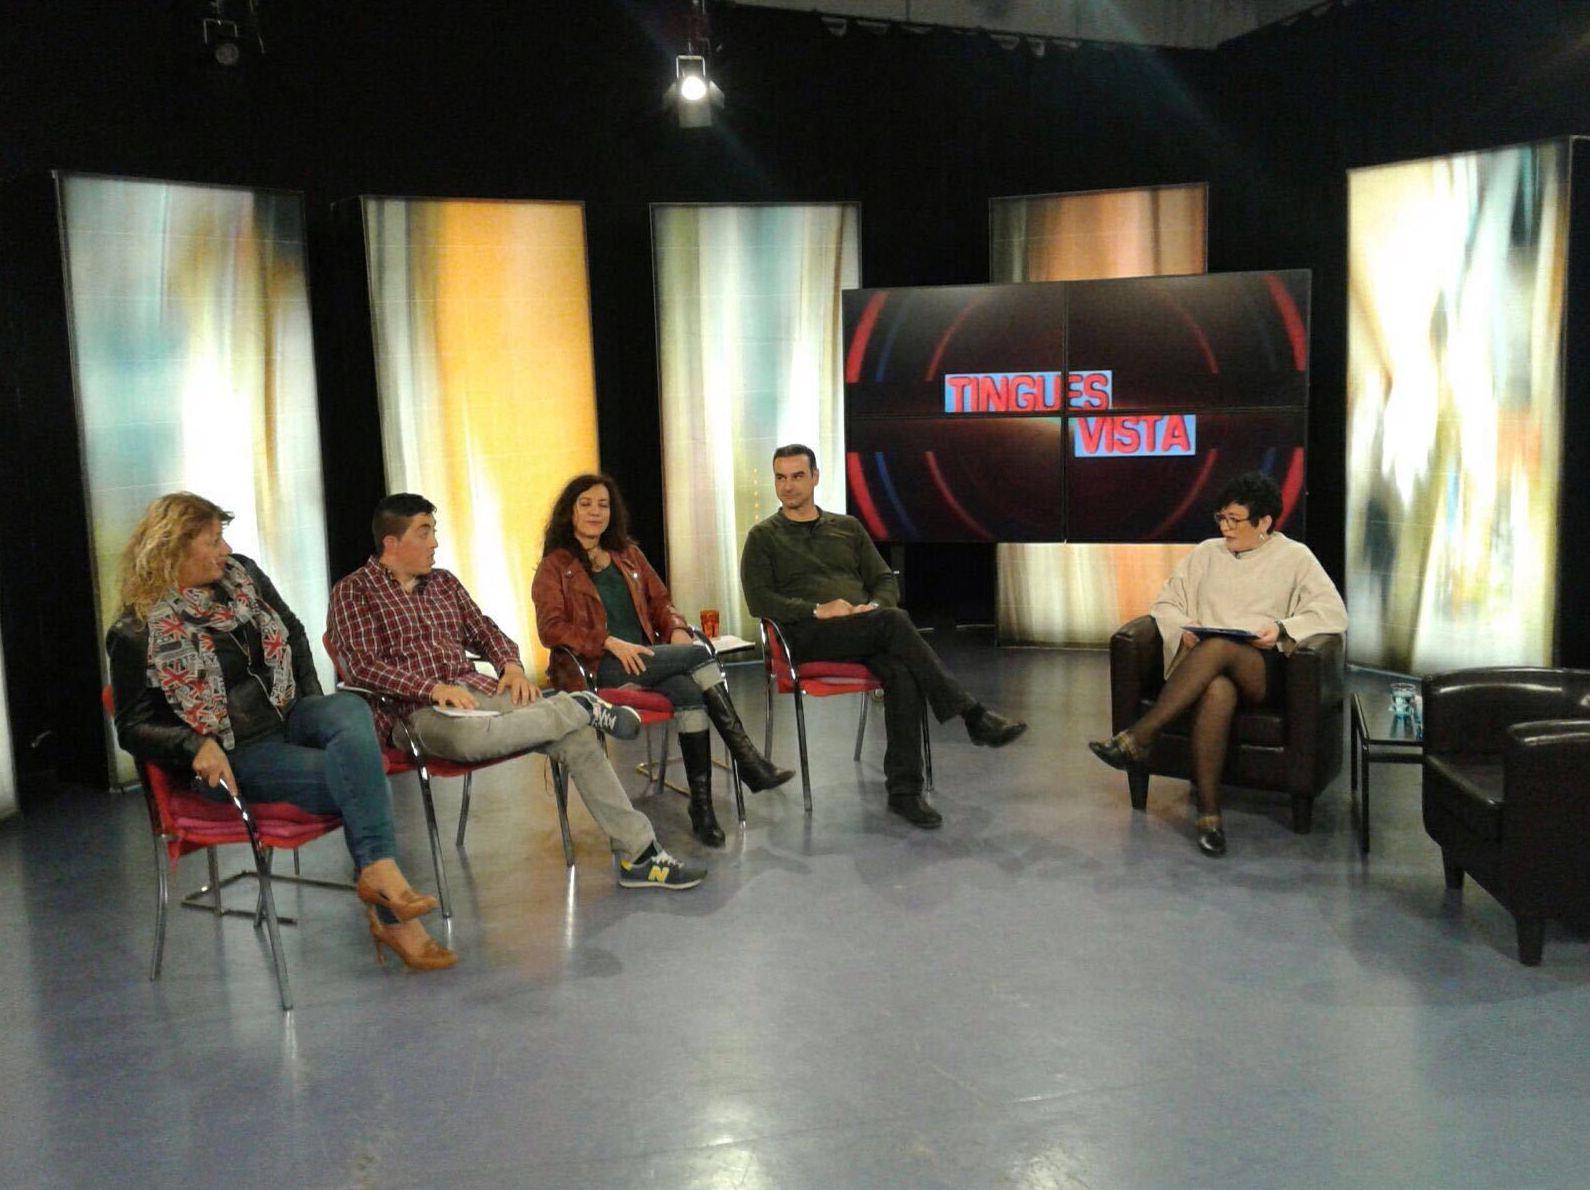 convidats al darrer programa en Esplugues de Llobregat, Barcelona